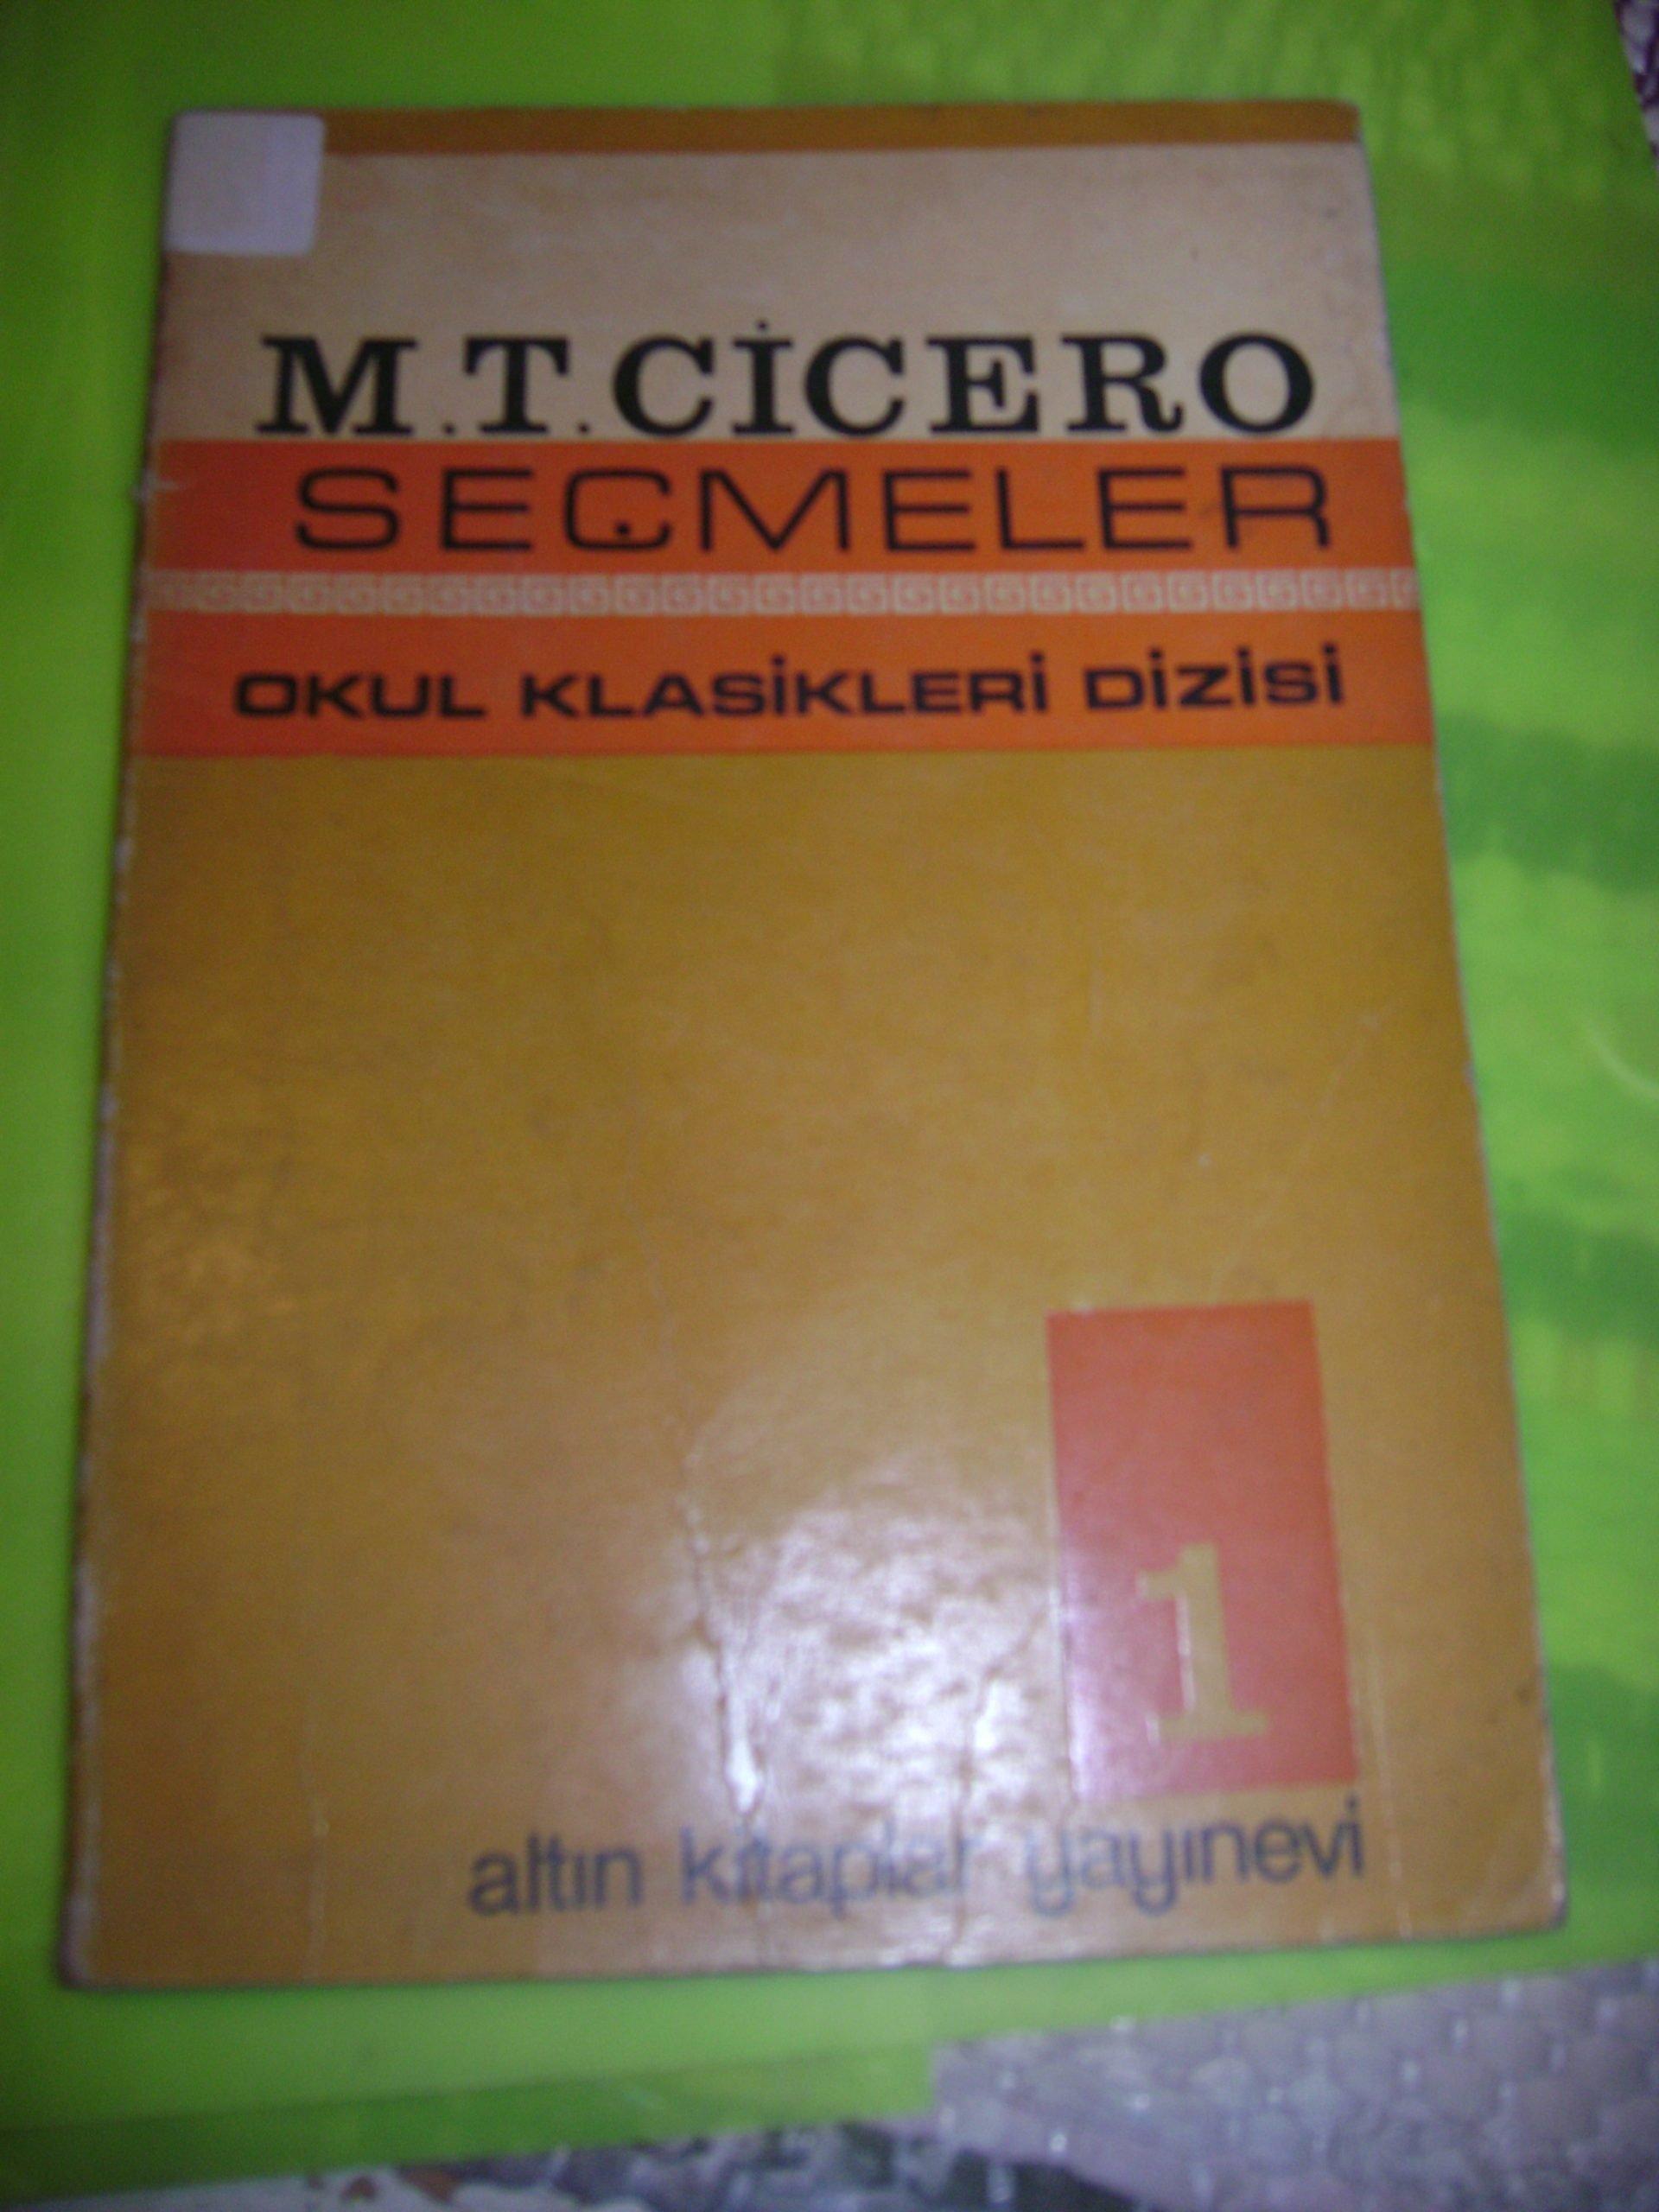 M.T CİCERO& SEÇMELER(Okul klasikleri dizisi 1)/15 tl